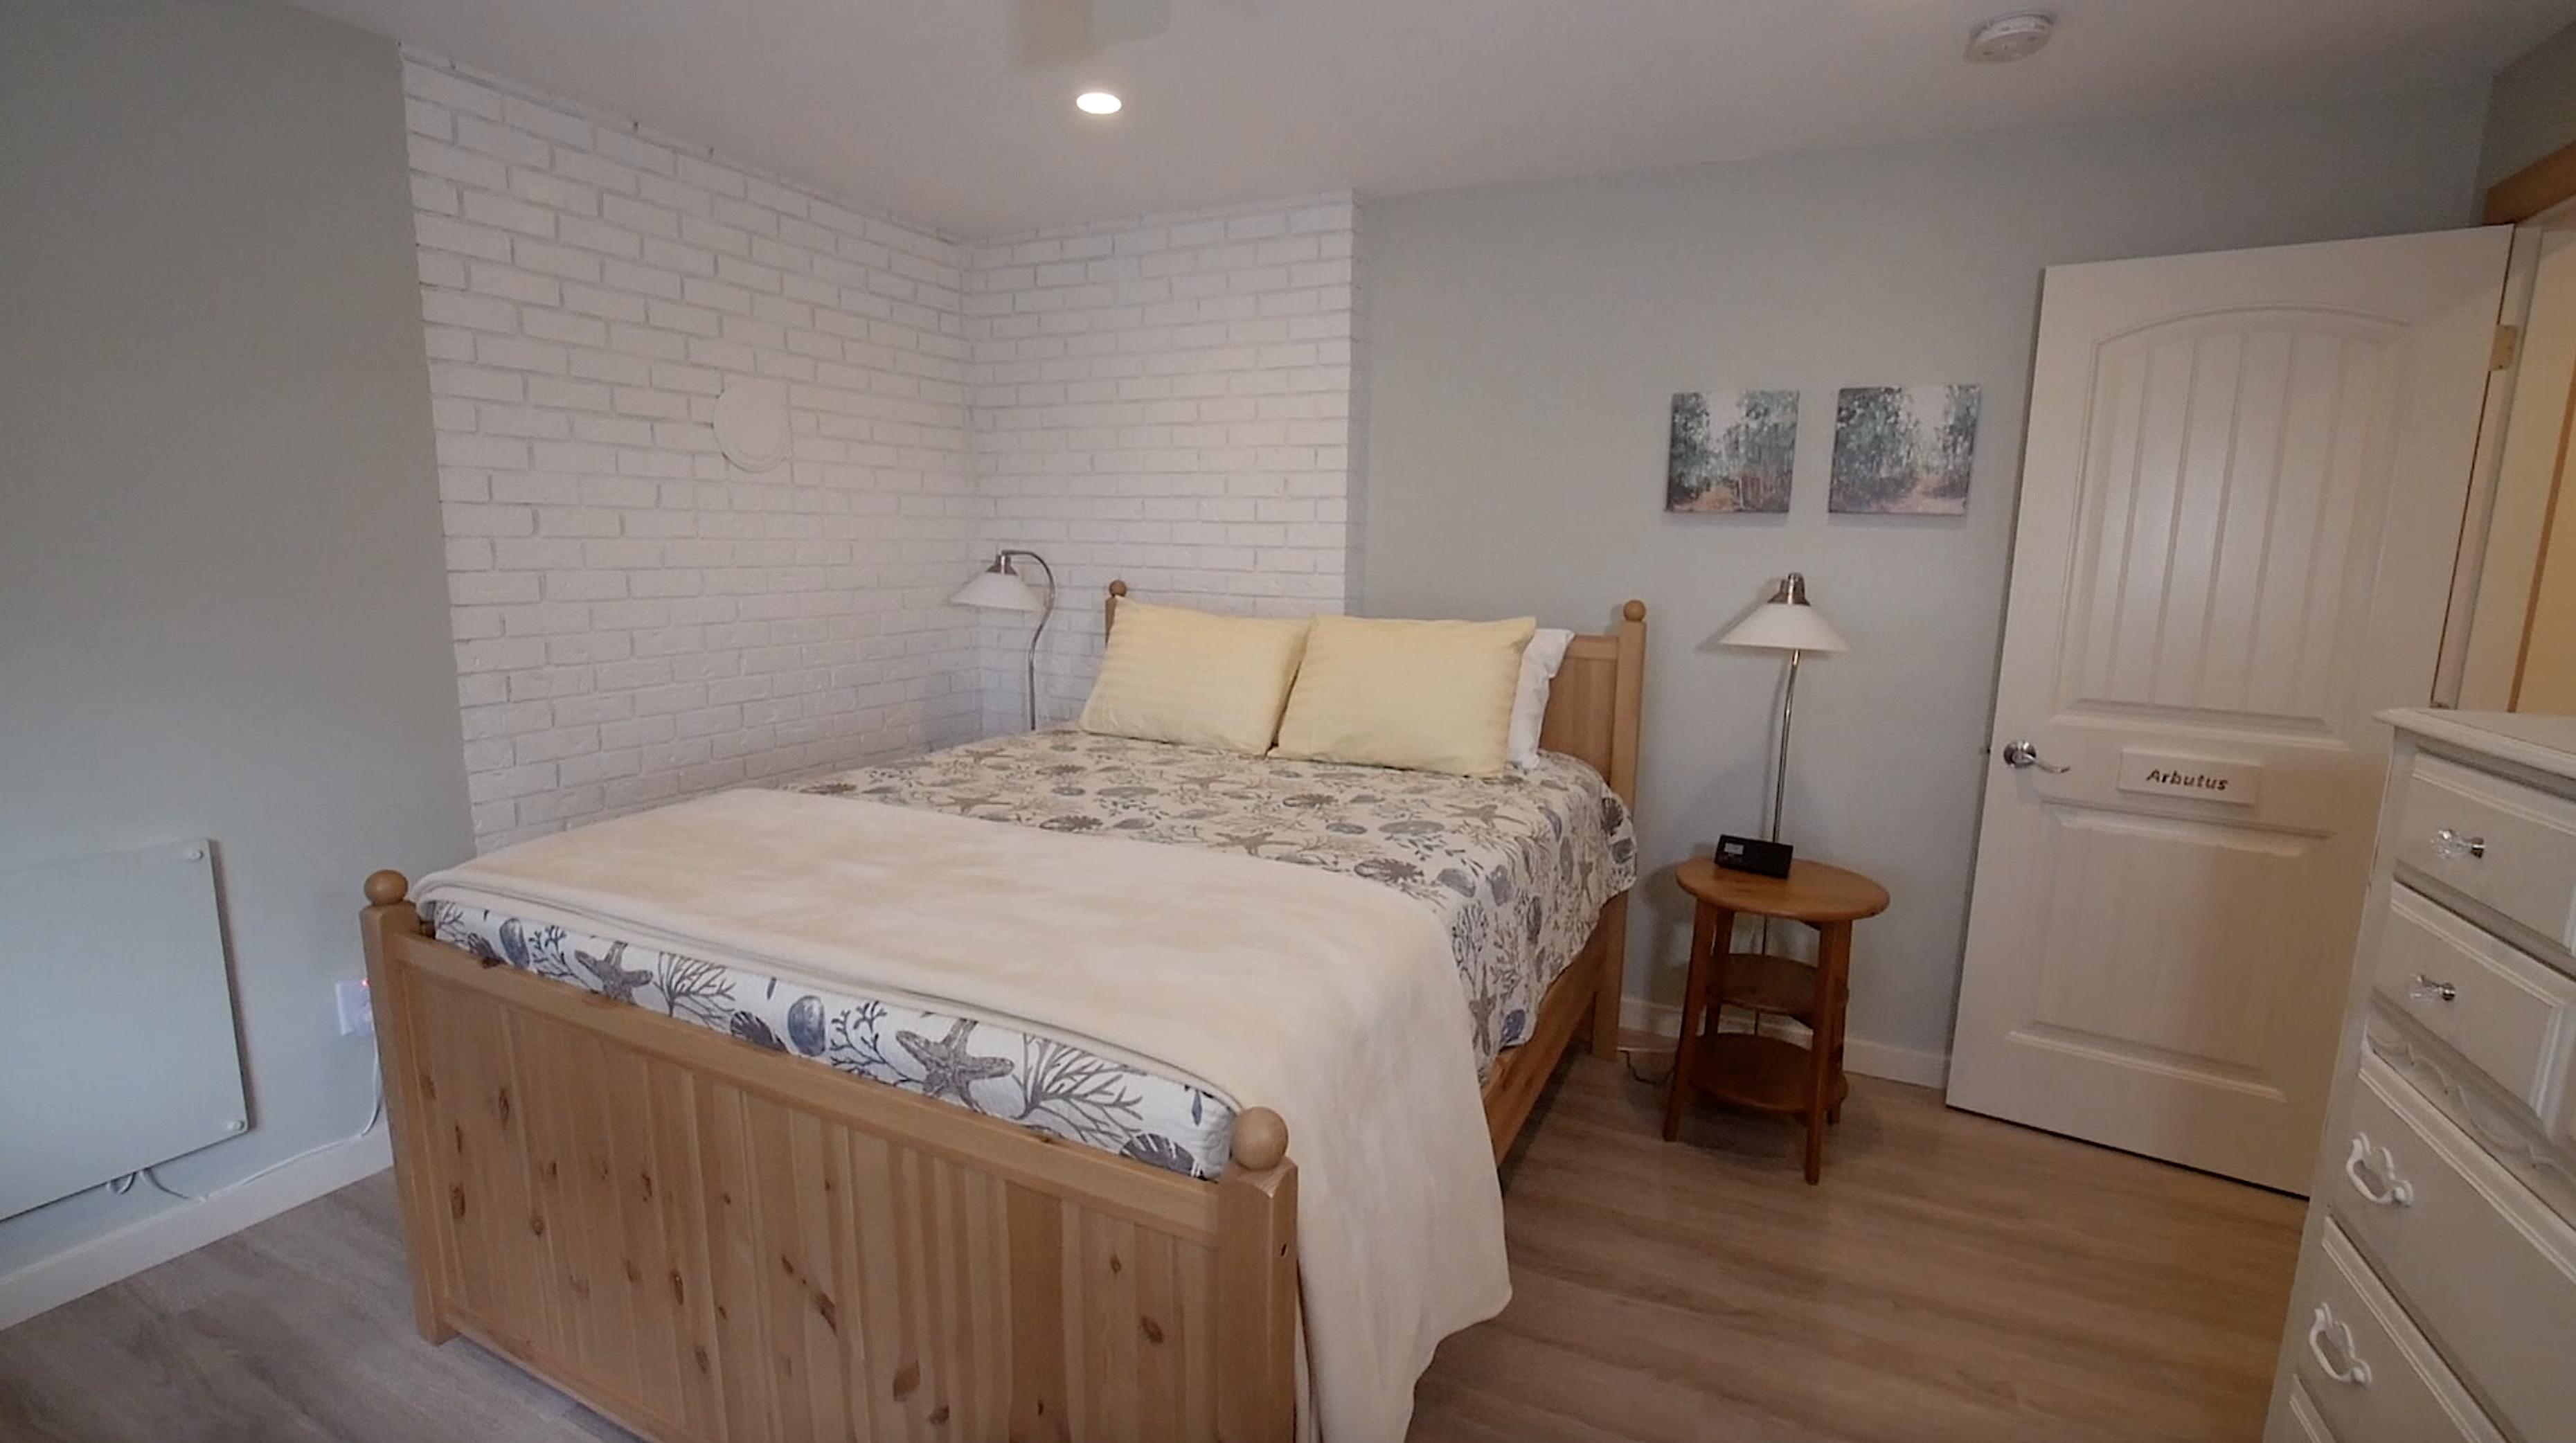 IslandSkye Arbutus Room